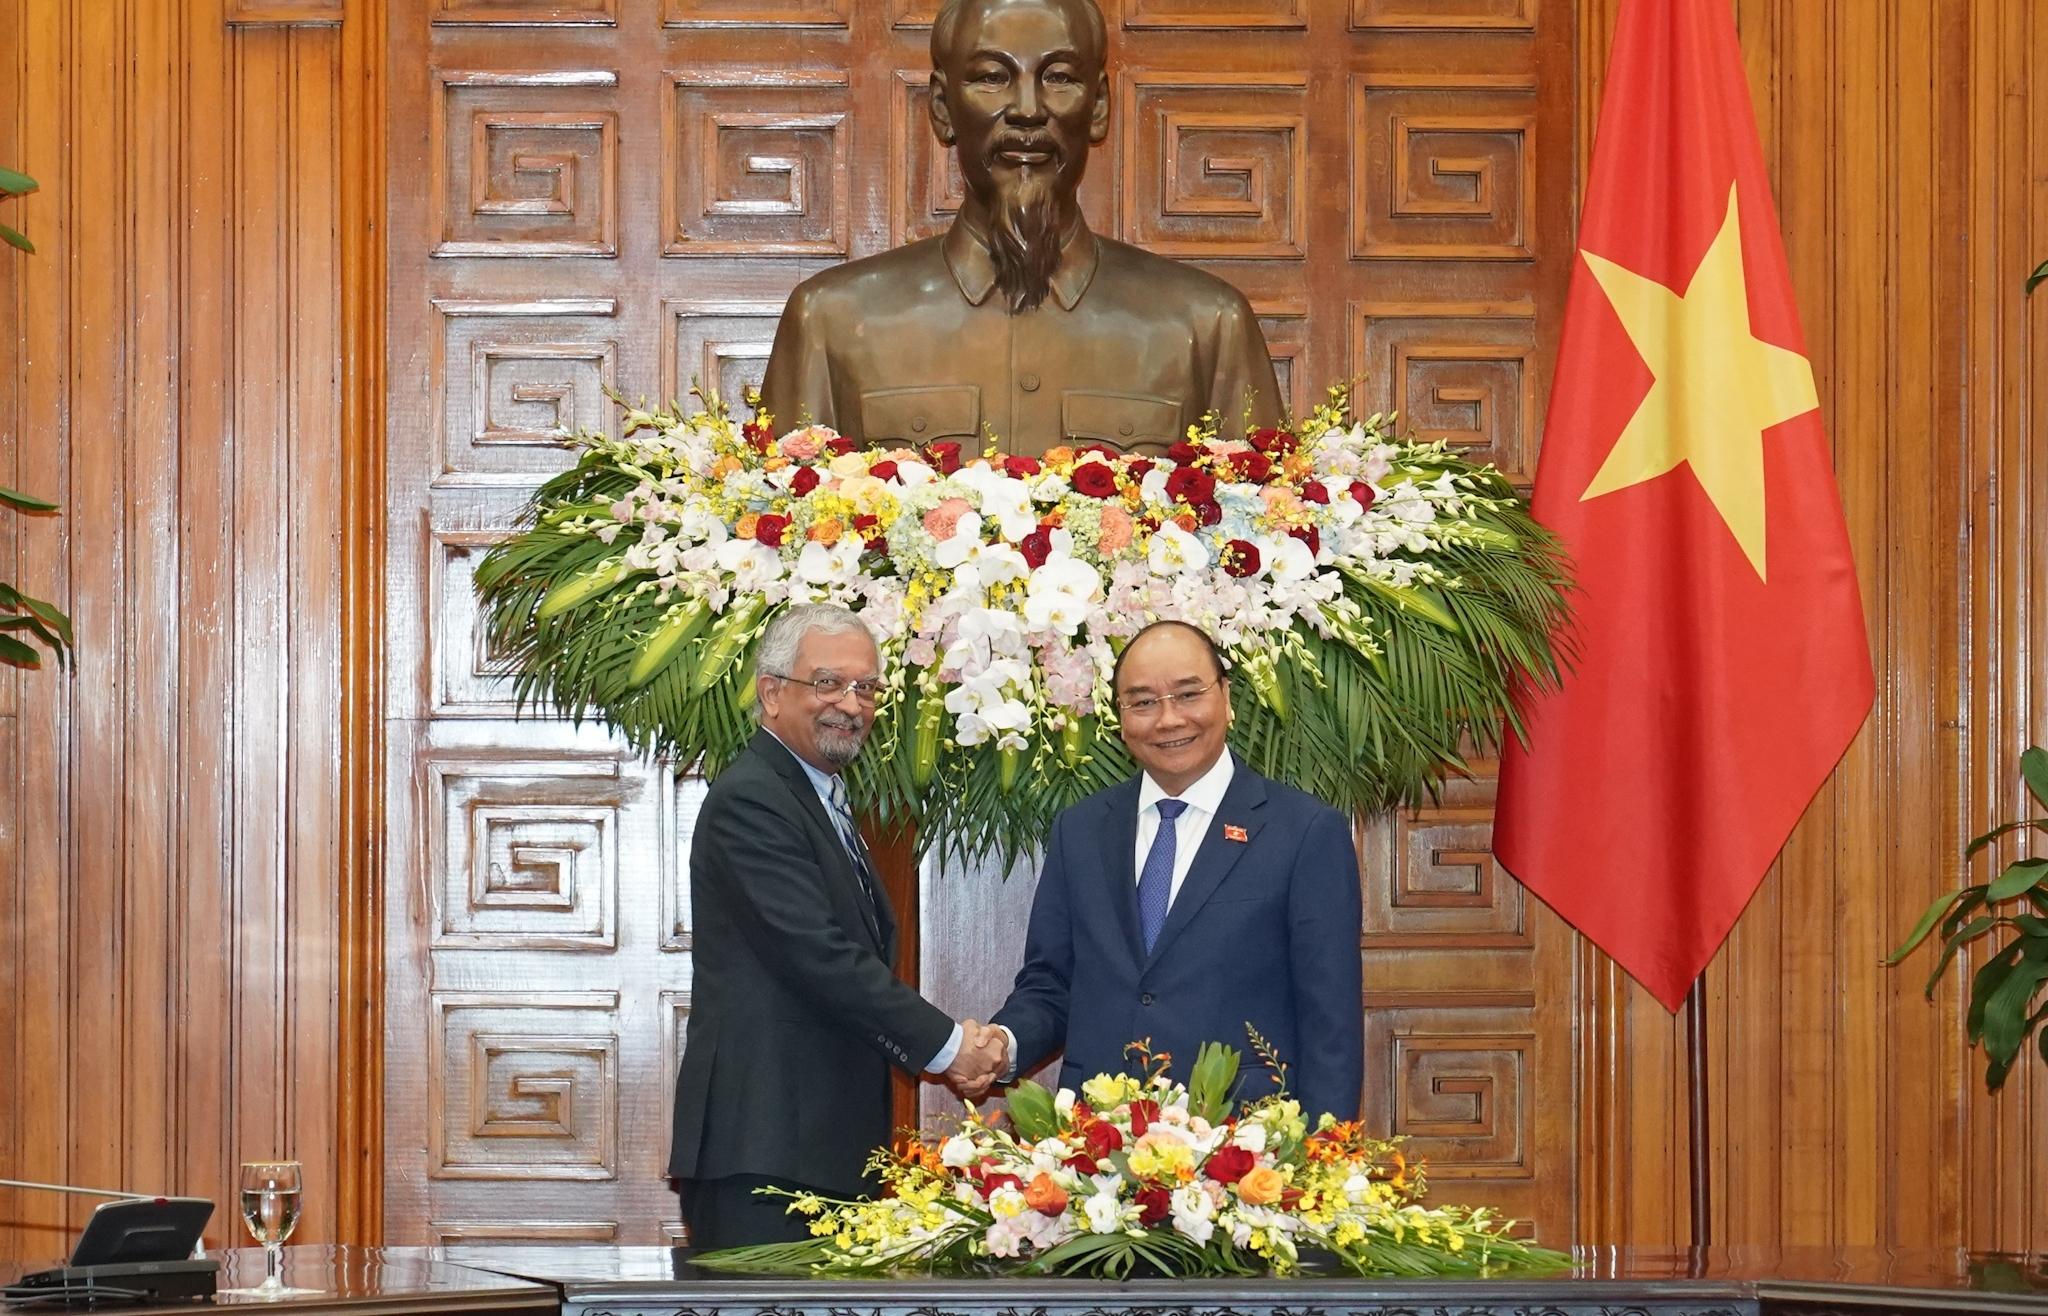 Thủ tướng tiếp Điều phối viên LHQ và Trưởng đại diện các tổ chức LHQ tại Việt Nam